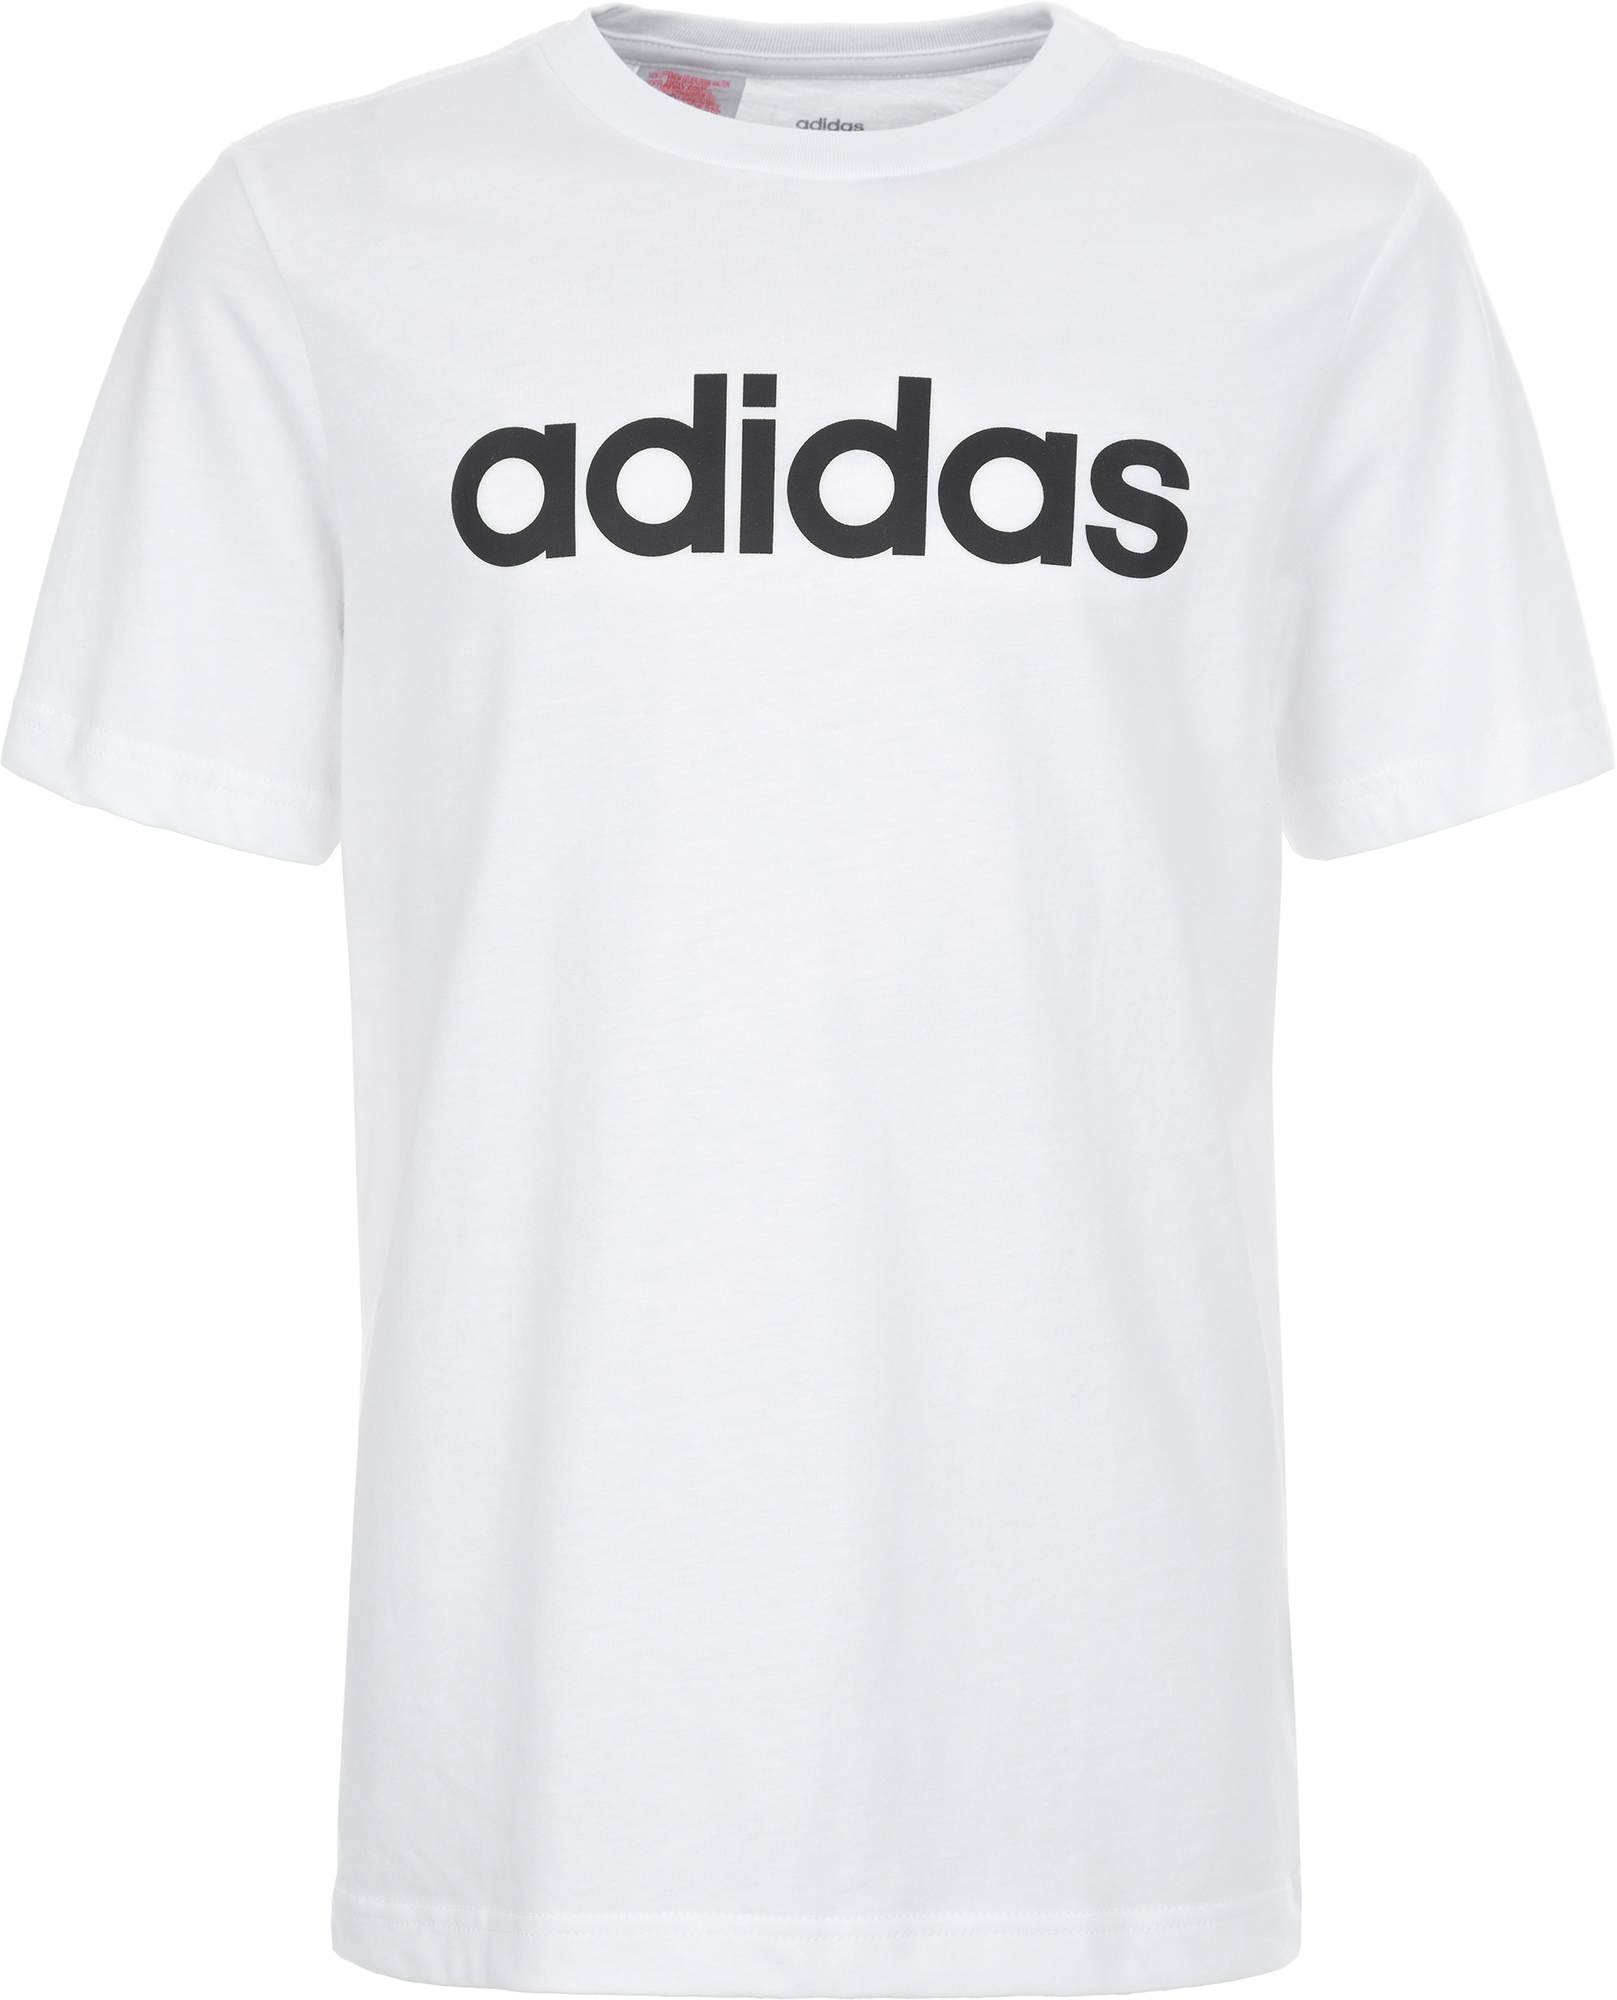 цены Adidas Футболка для мальчиков Adidas Essentials Linear Logo, размер 164